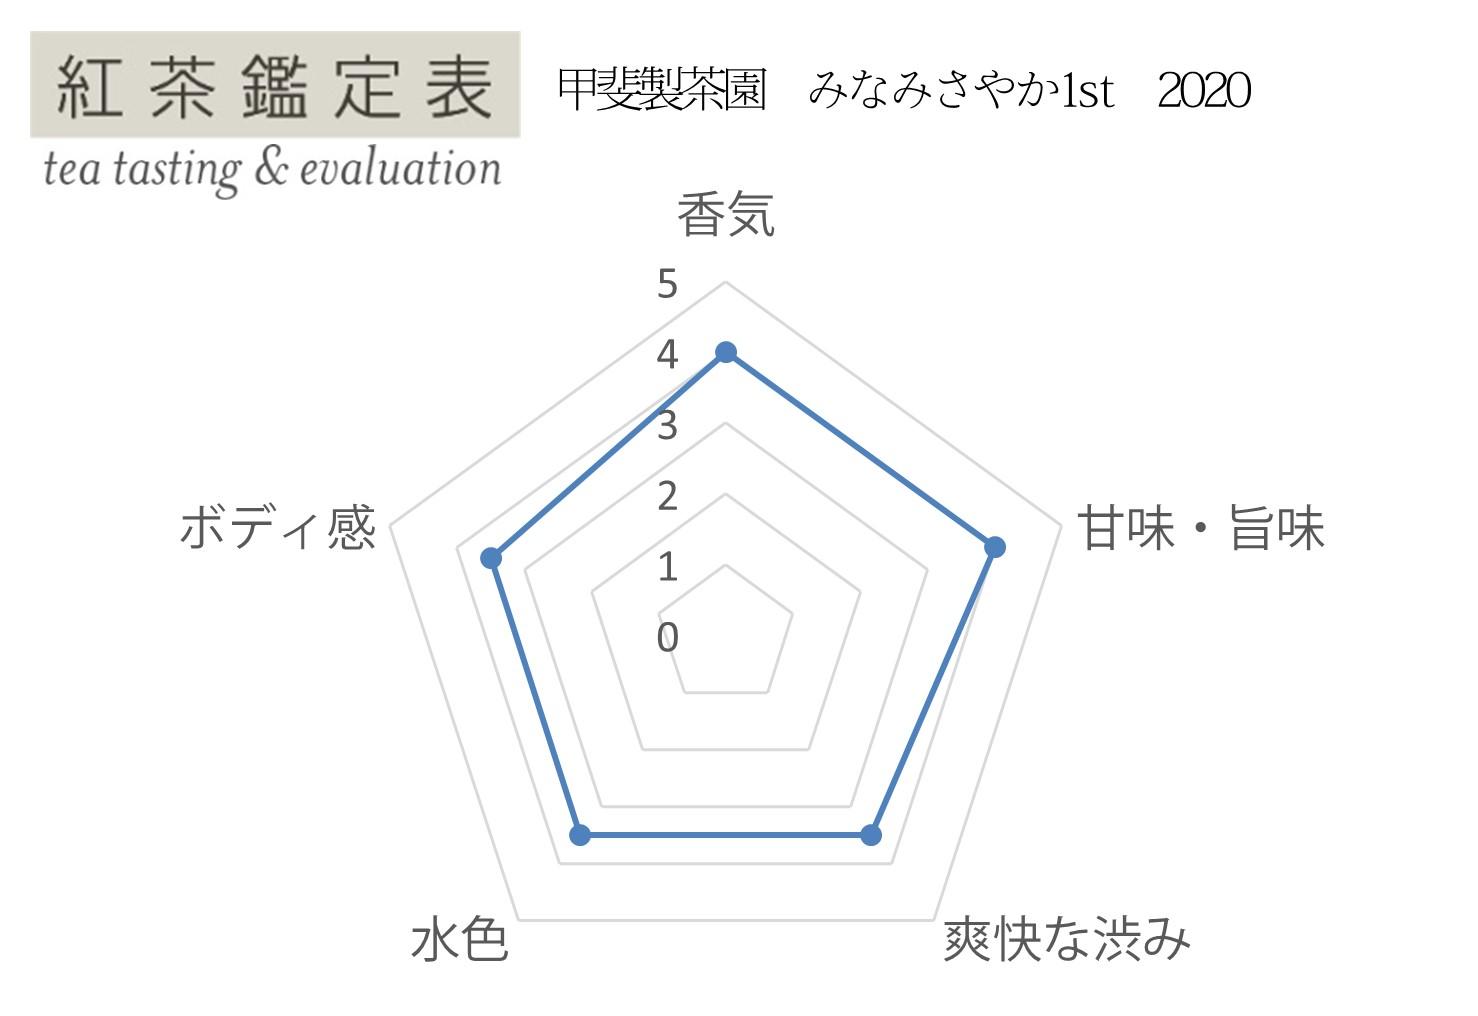 【紅茶鑑定表】甲斐製茶園 みなみさやか1st